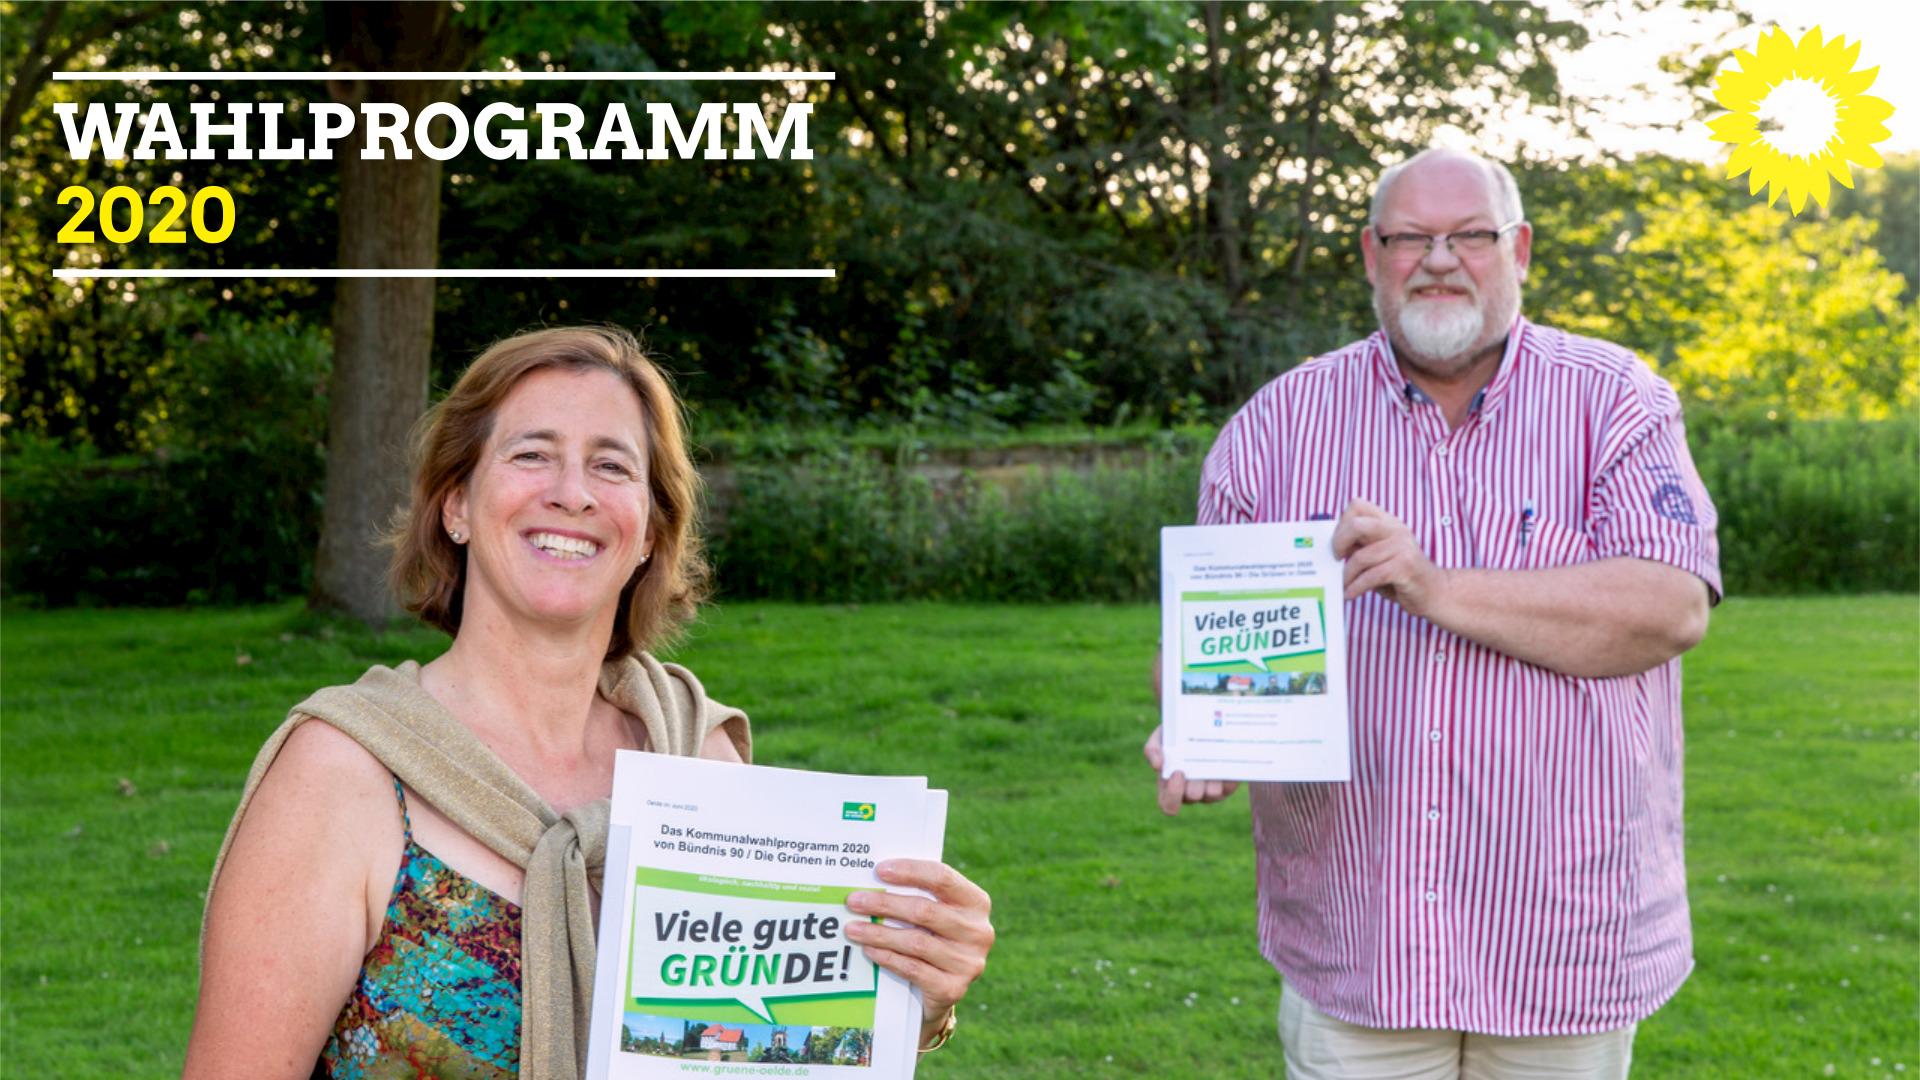 Grünes Wahlprogramm: Oelde wird grün, innovativ, bezahlbar, gerecht und vielfältig